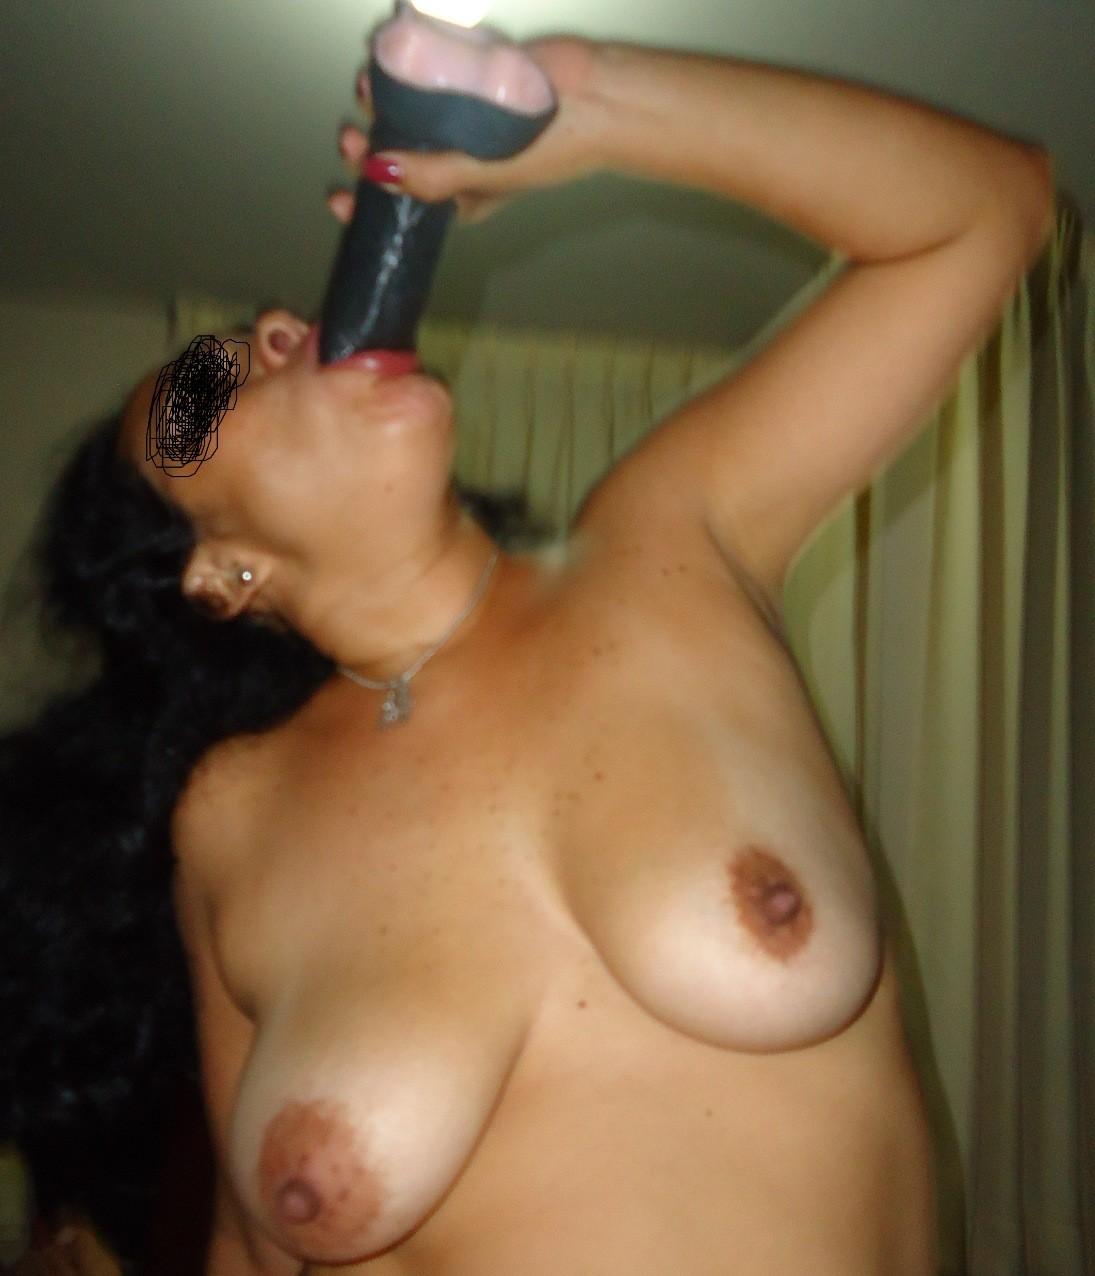 Зрелая перуанка в теле и ее большие секс игрушки